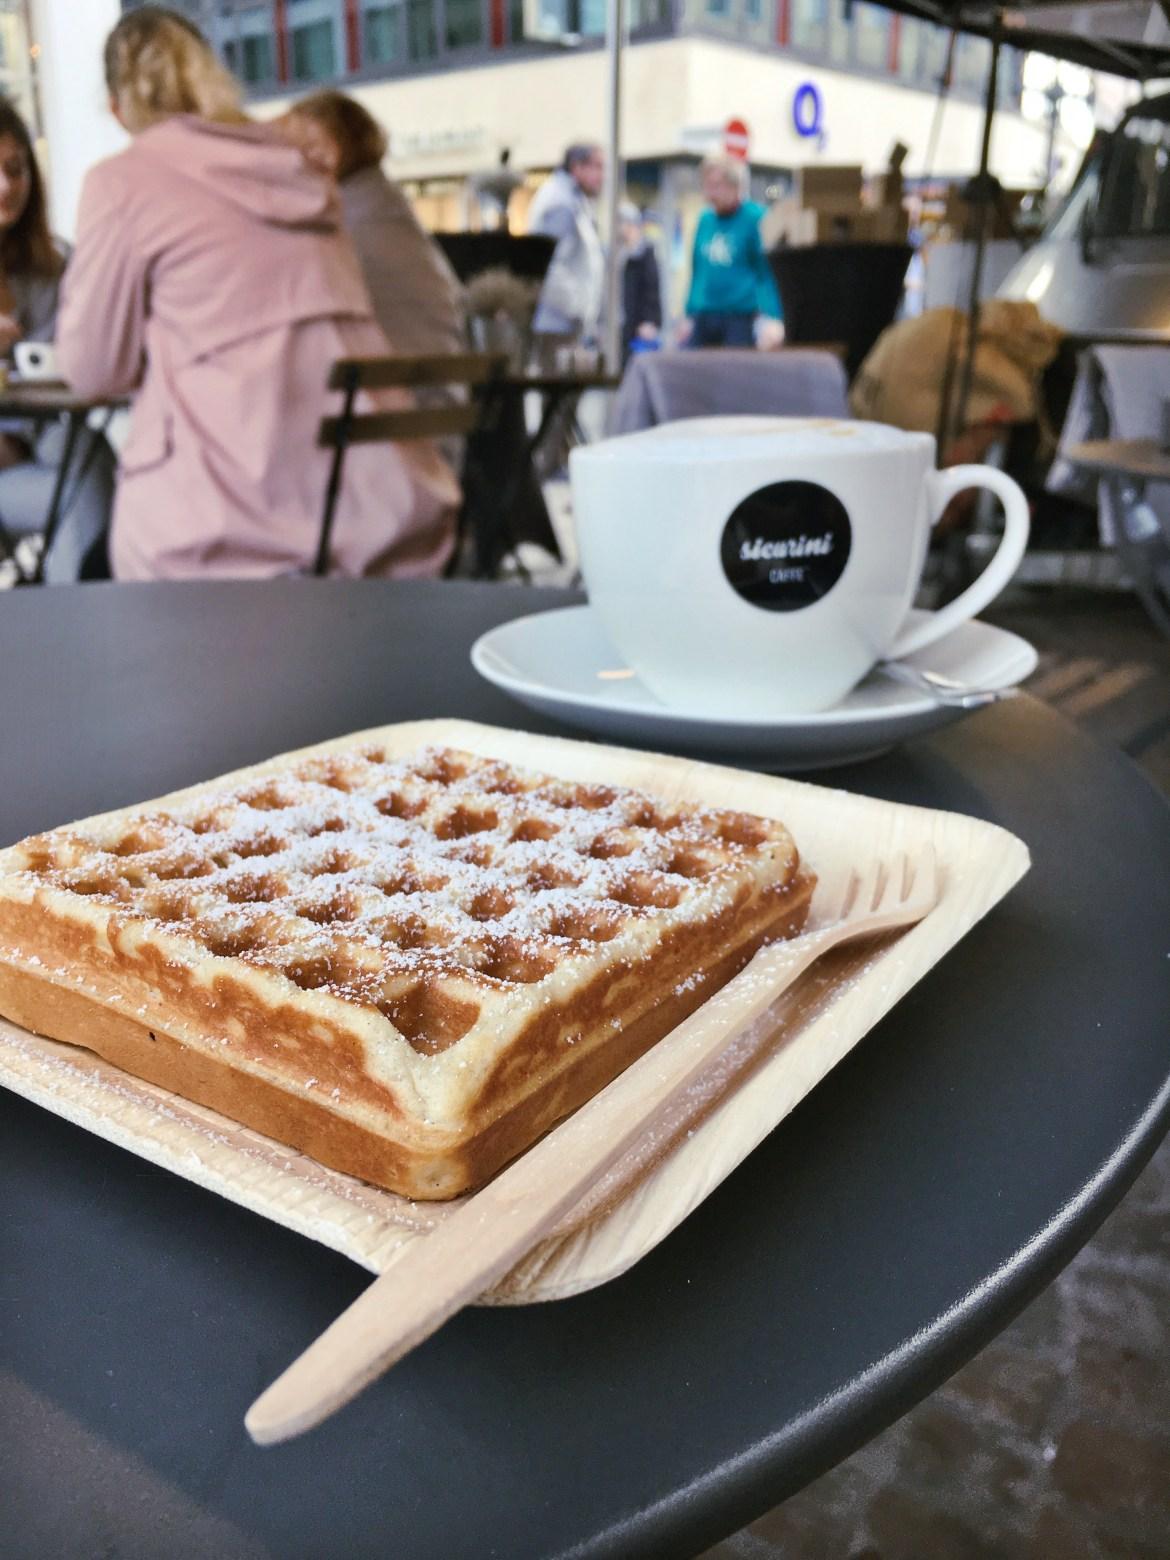 scurini kaffeemobil bonn marktplatz missbonnebonne (1)